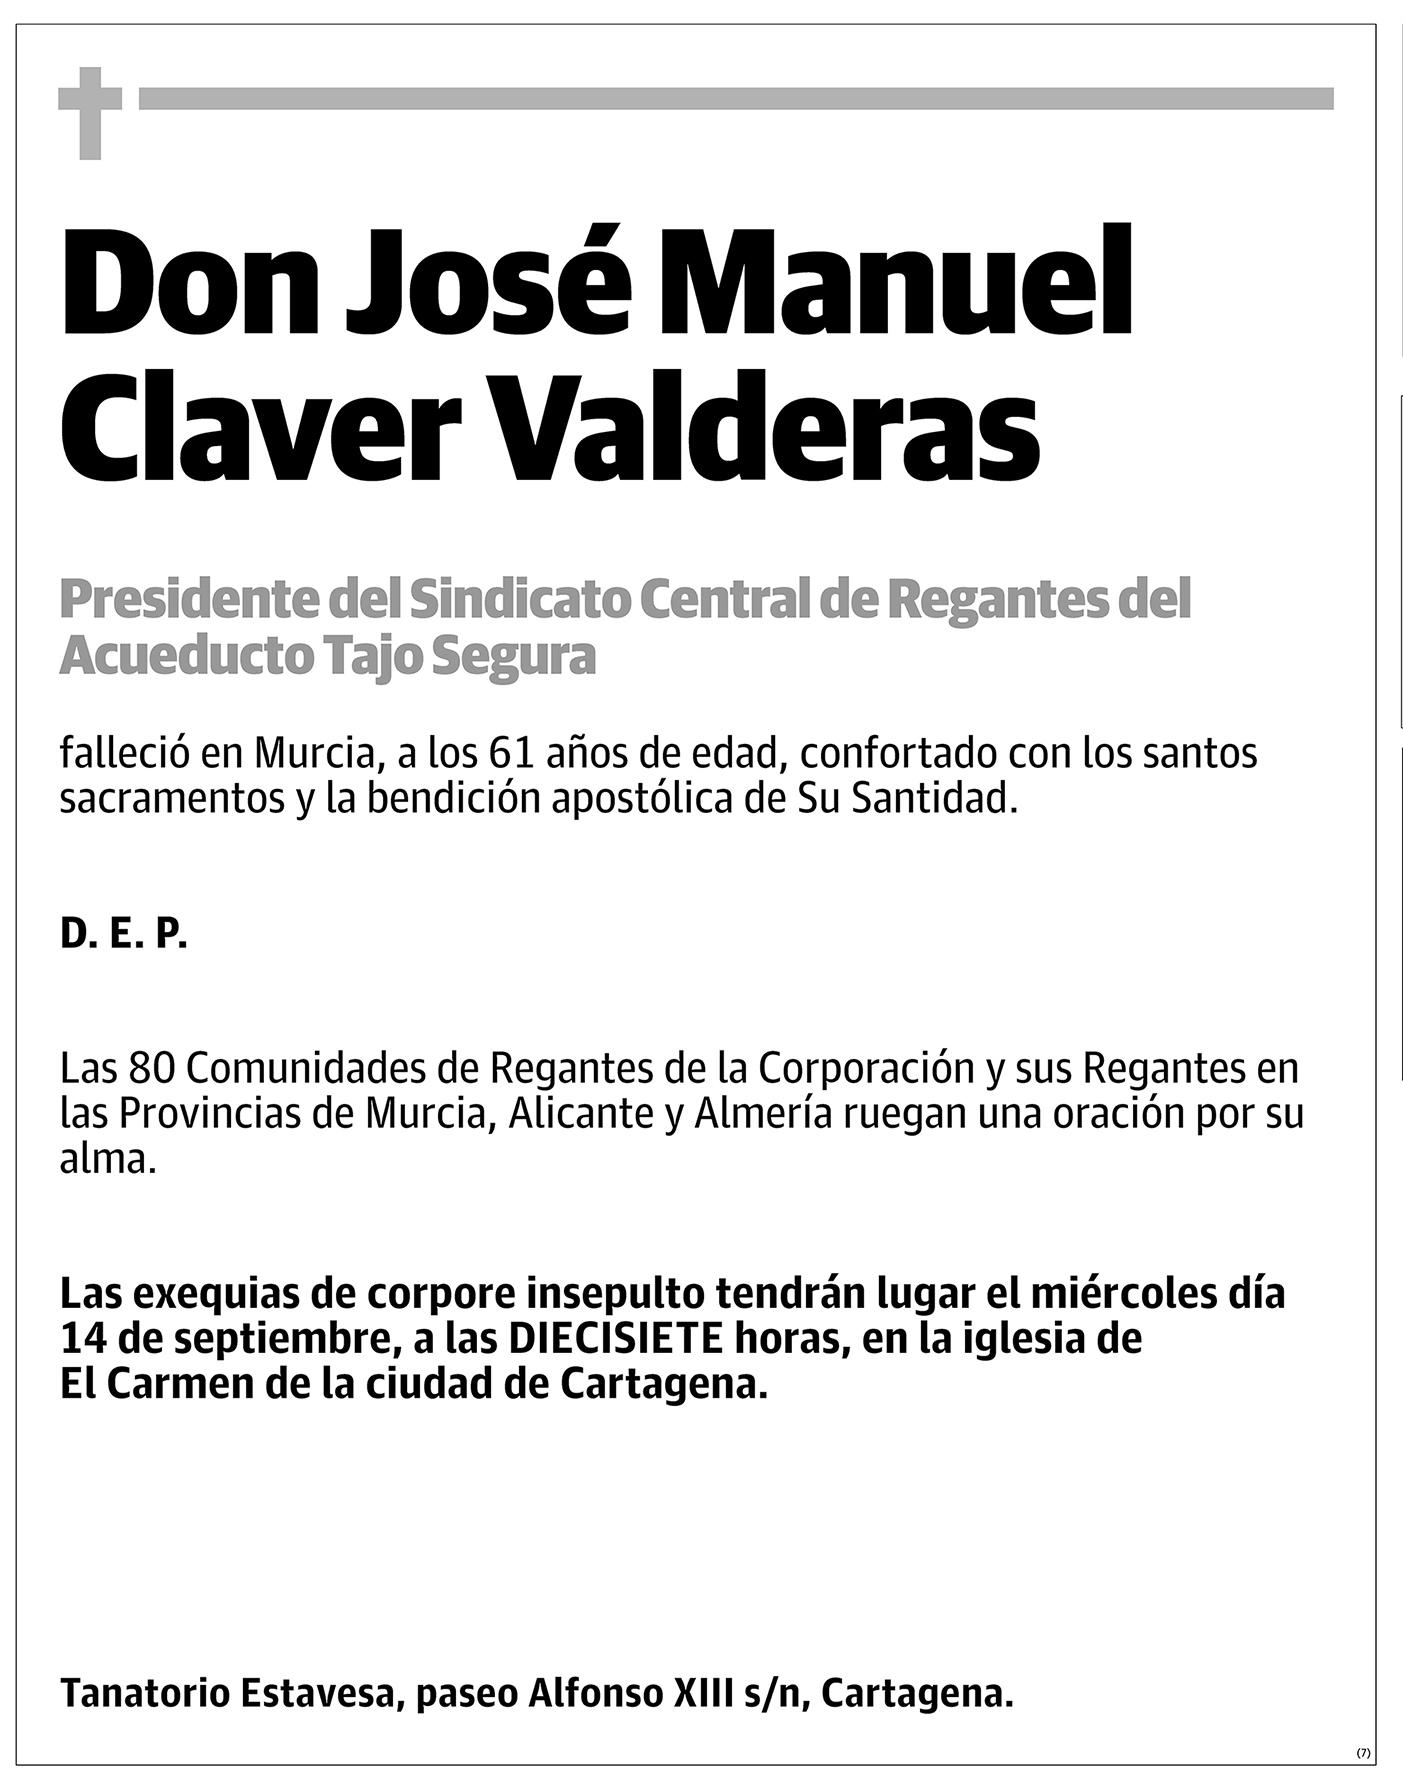 José Manuel Claver Valderas